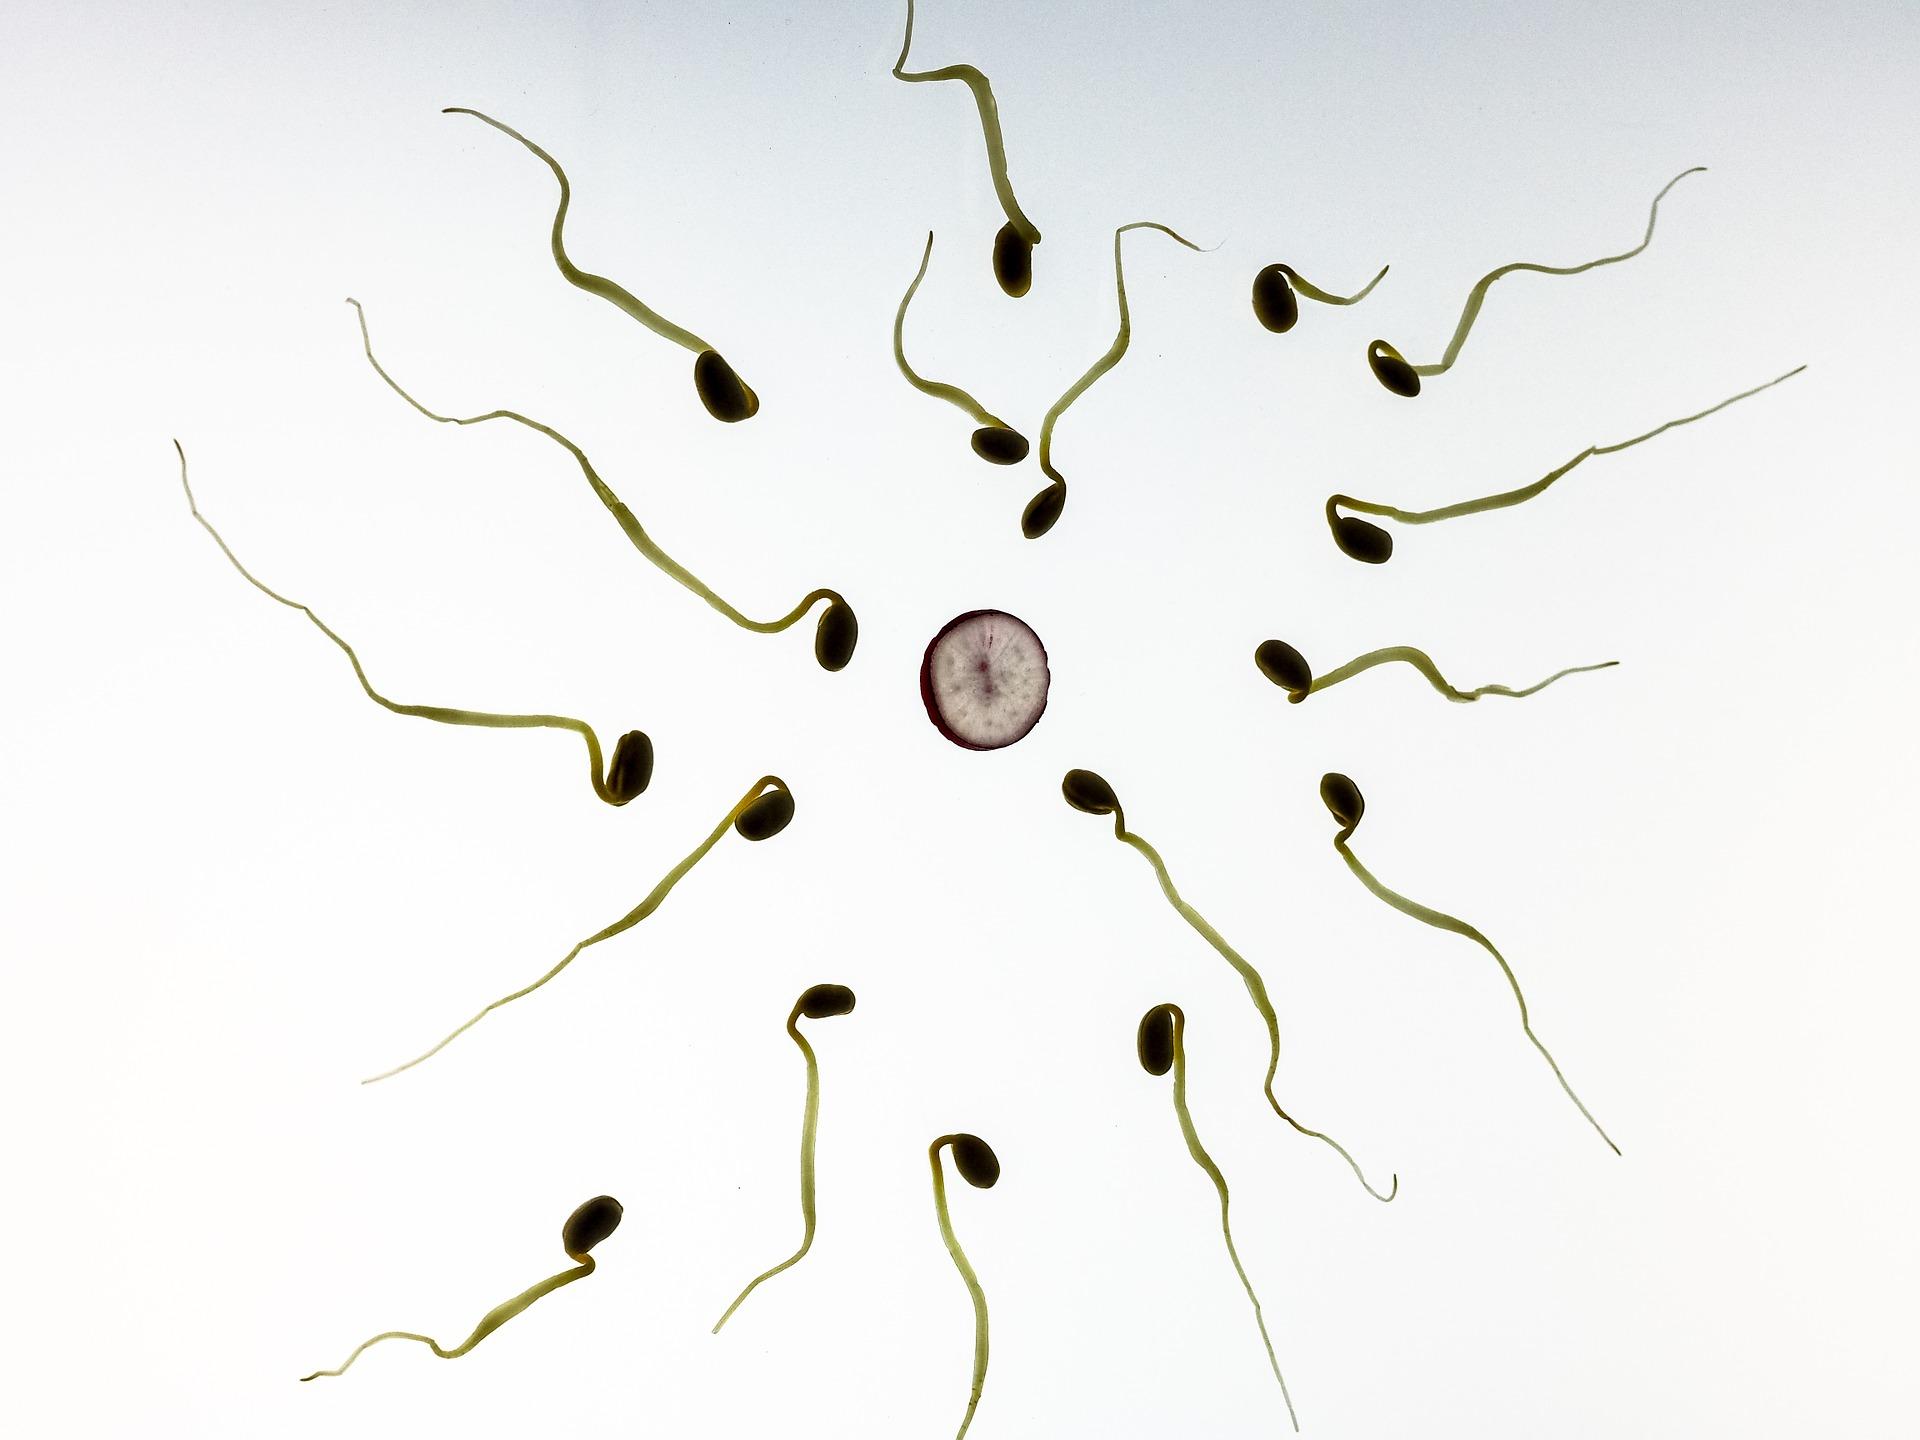 Wie lange überleben spermien nach vasektomie